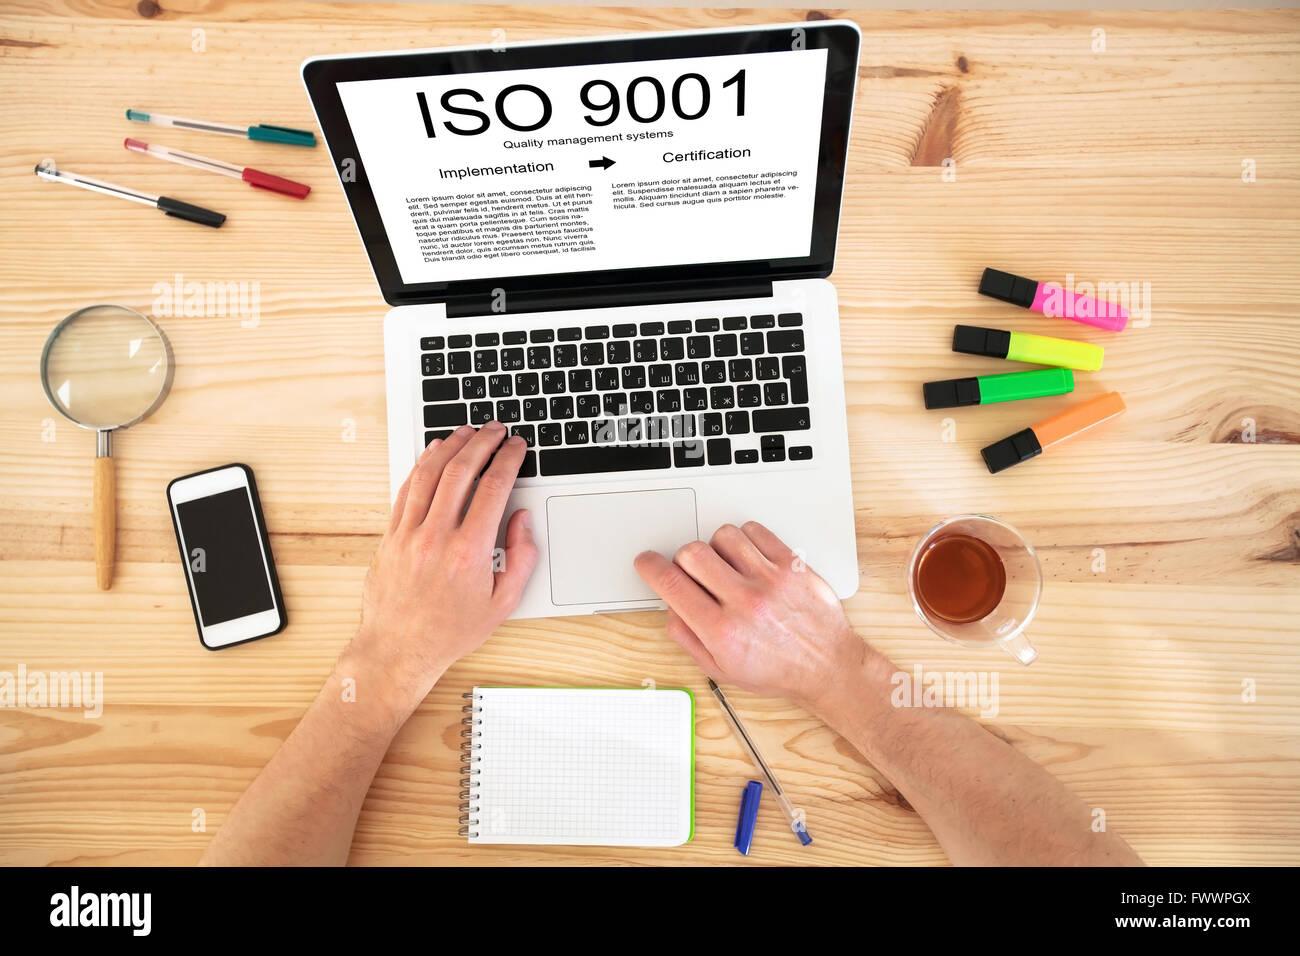 Concepto de la norma ISO 9001, sistemas de gestión de calidad Foto de stock